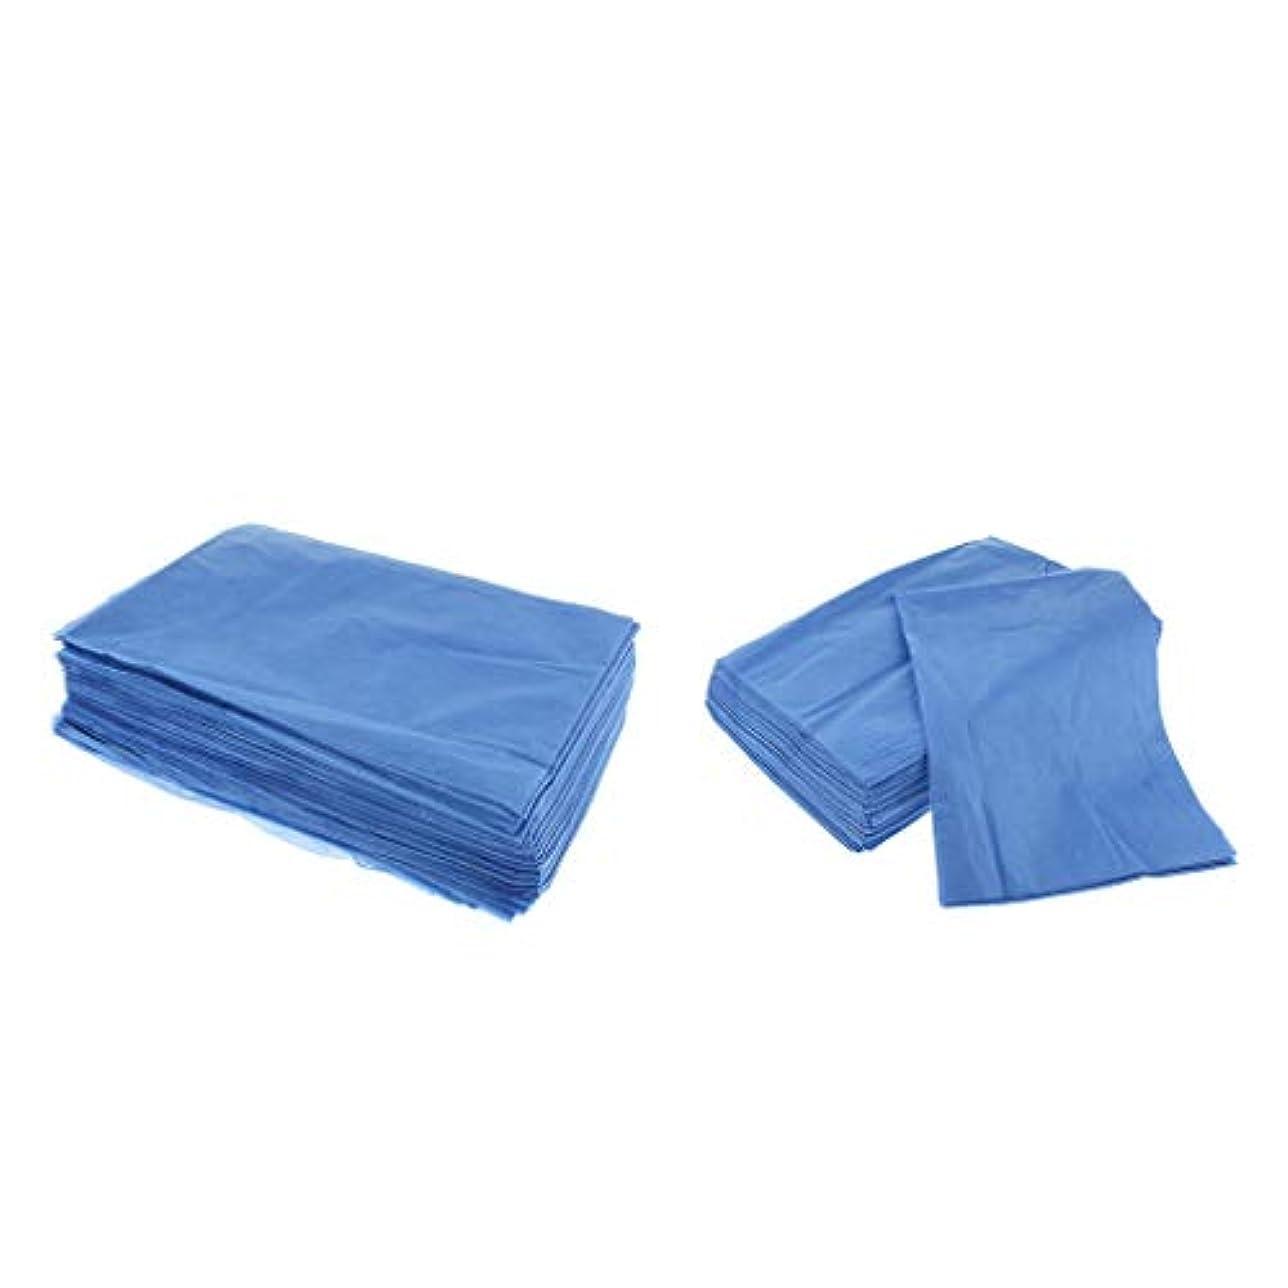 実験をする鋸歯状鉱夫40ピース/個不織布使い捨てシーツ180x80cmマッサージテーブルシート、スパフェイシャルワックスタトゥーチェアカバーシート防水